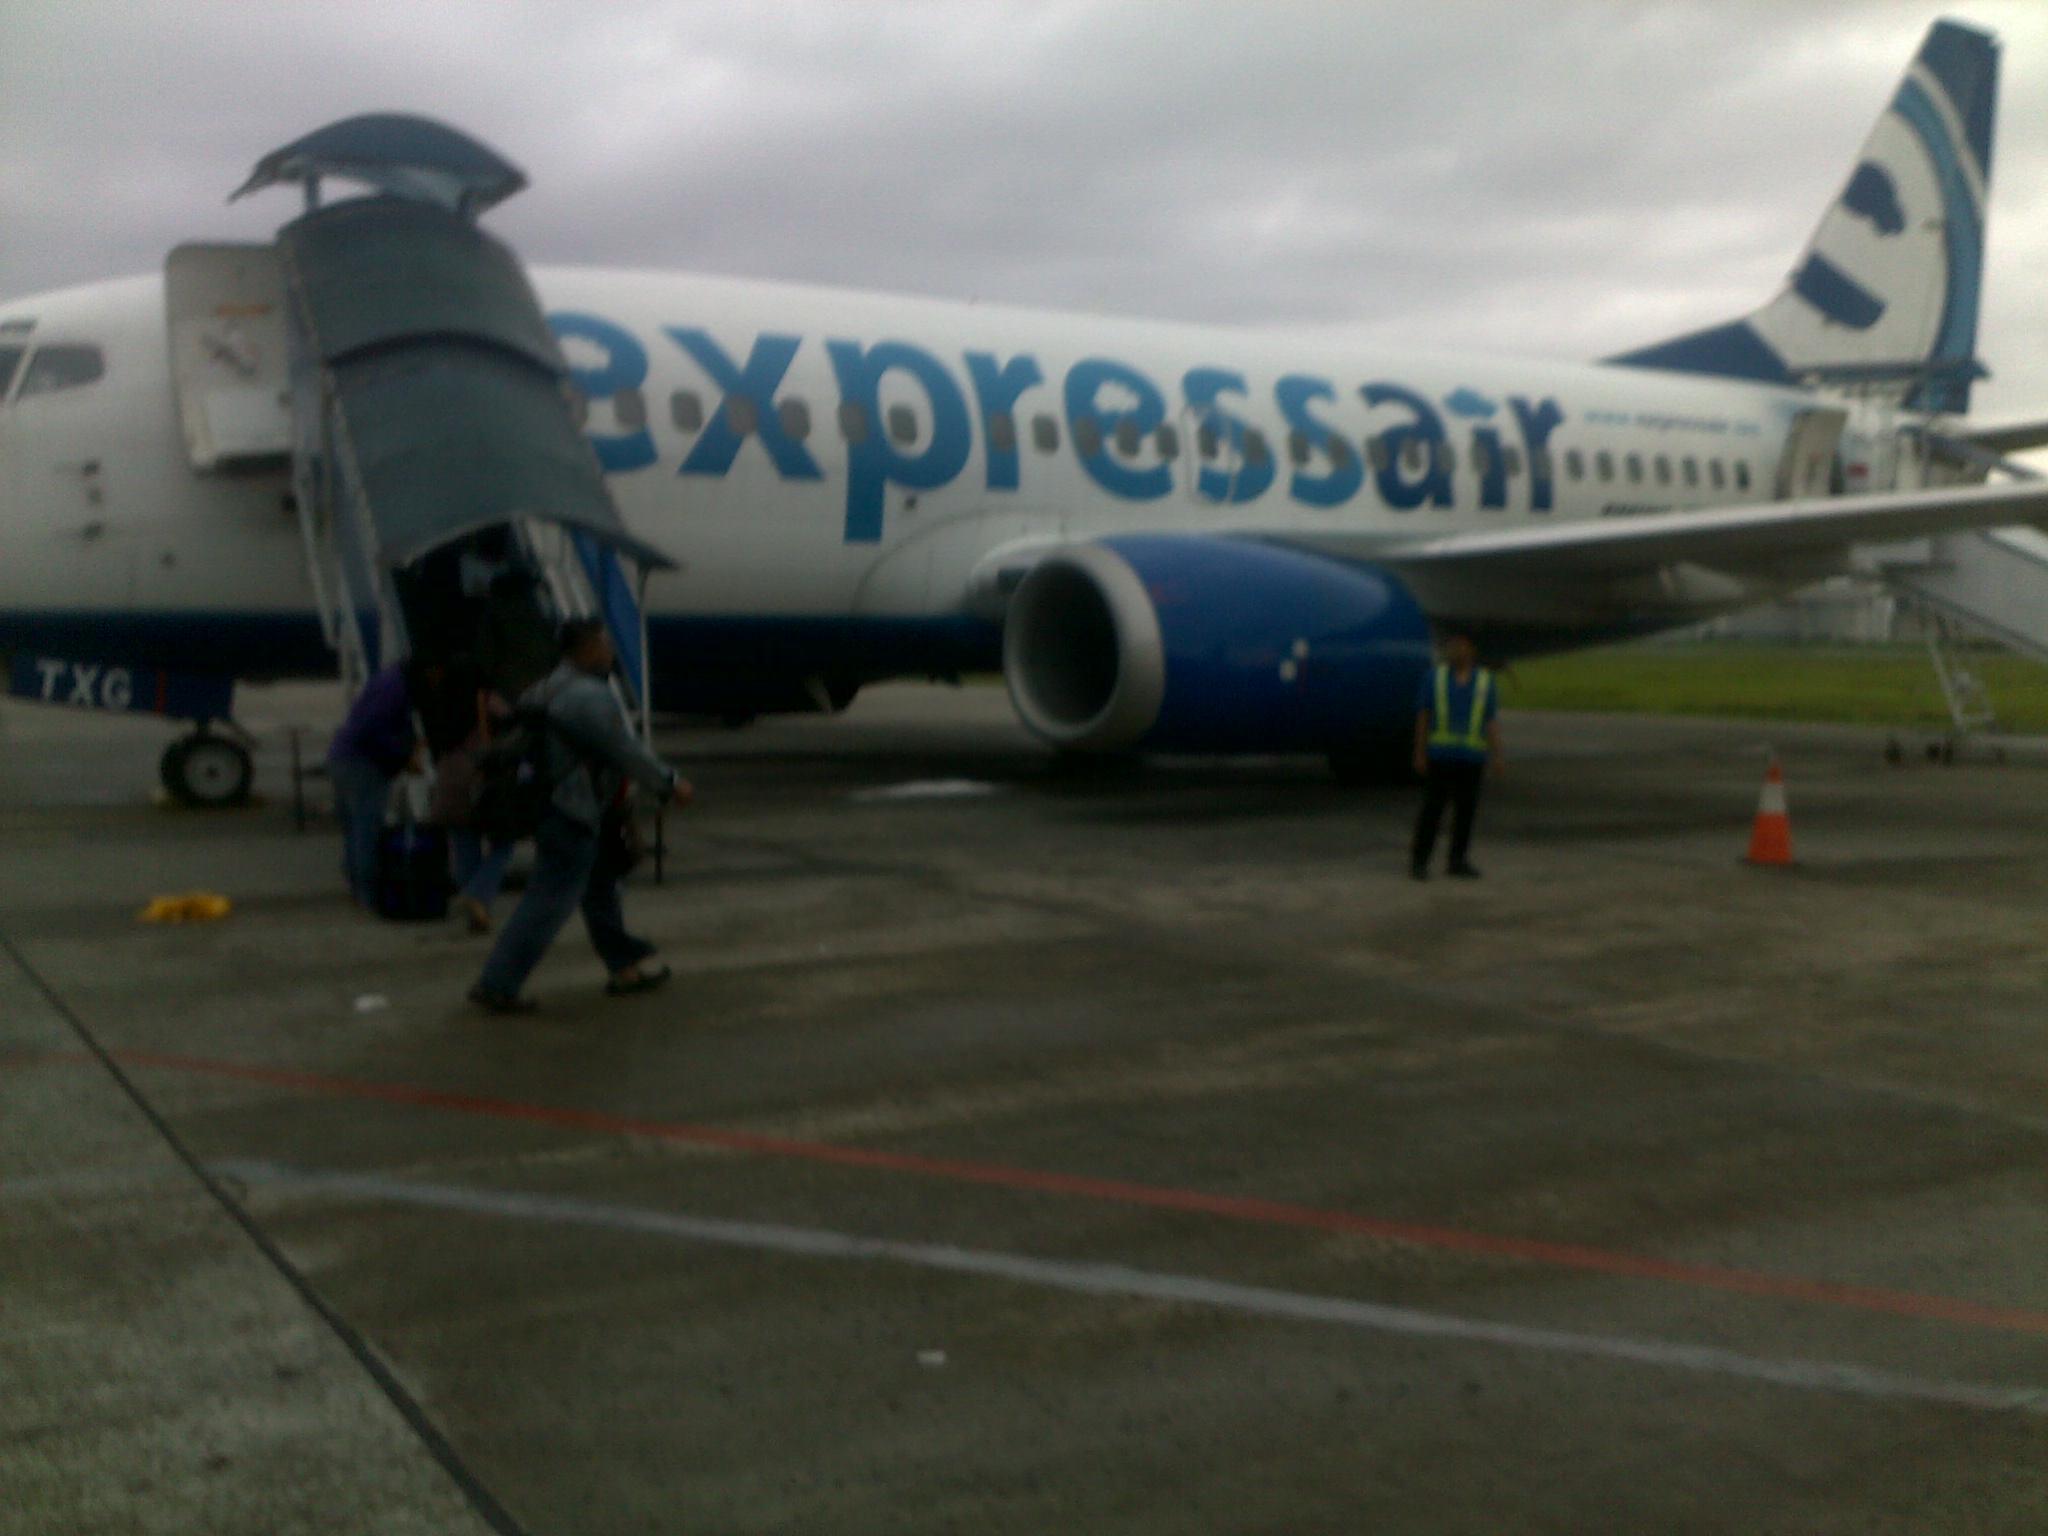 pesawat yang saya naiki ukurannya tidak terlalu besar kira kira